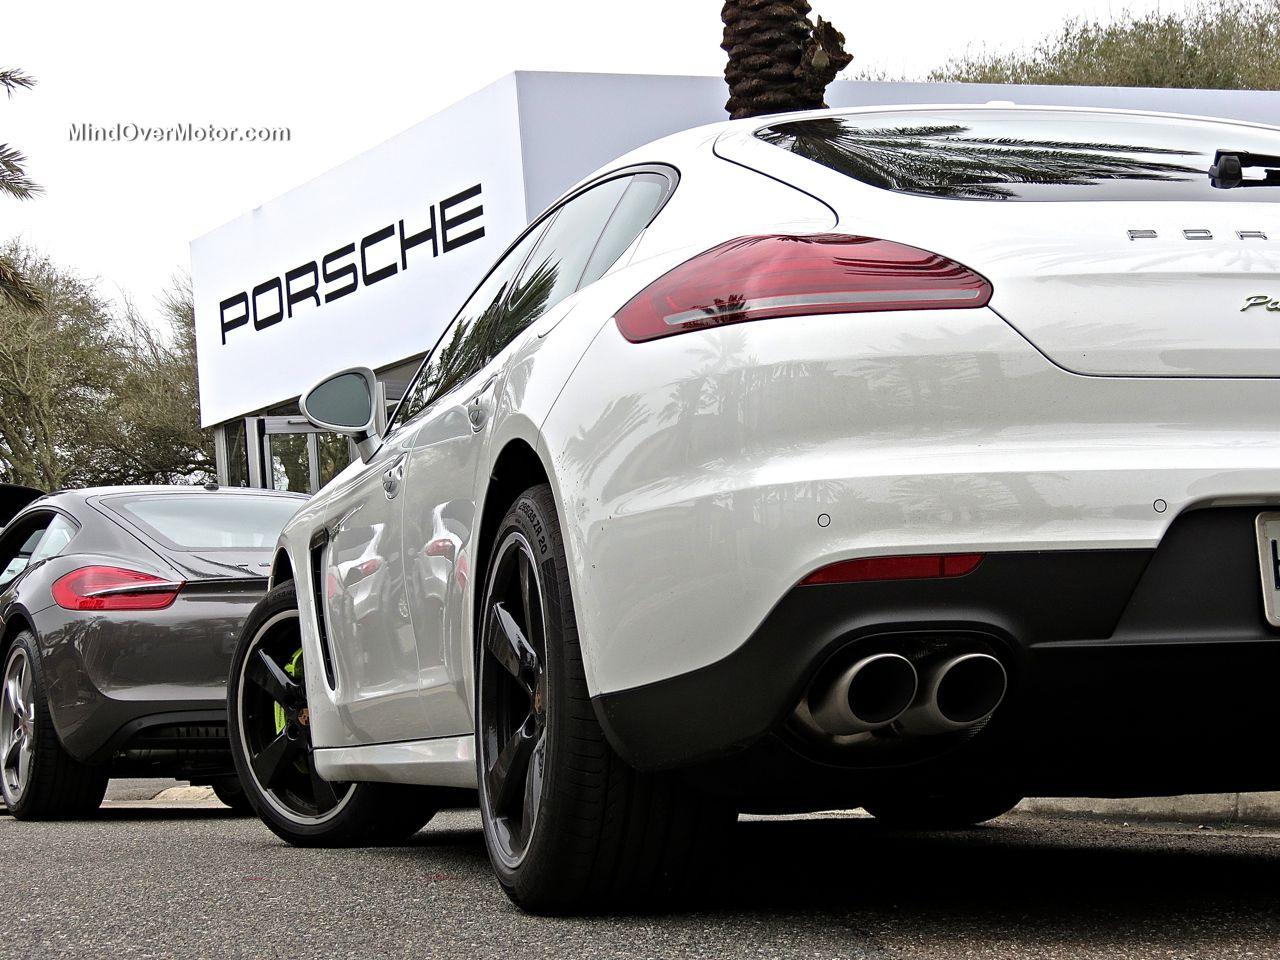 White Porsche Panamera S E-Hybrid LED Tail Lights